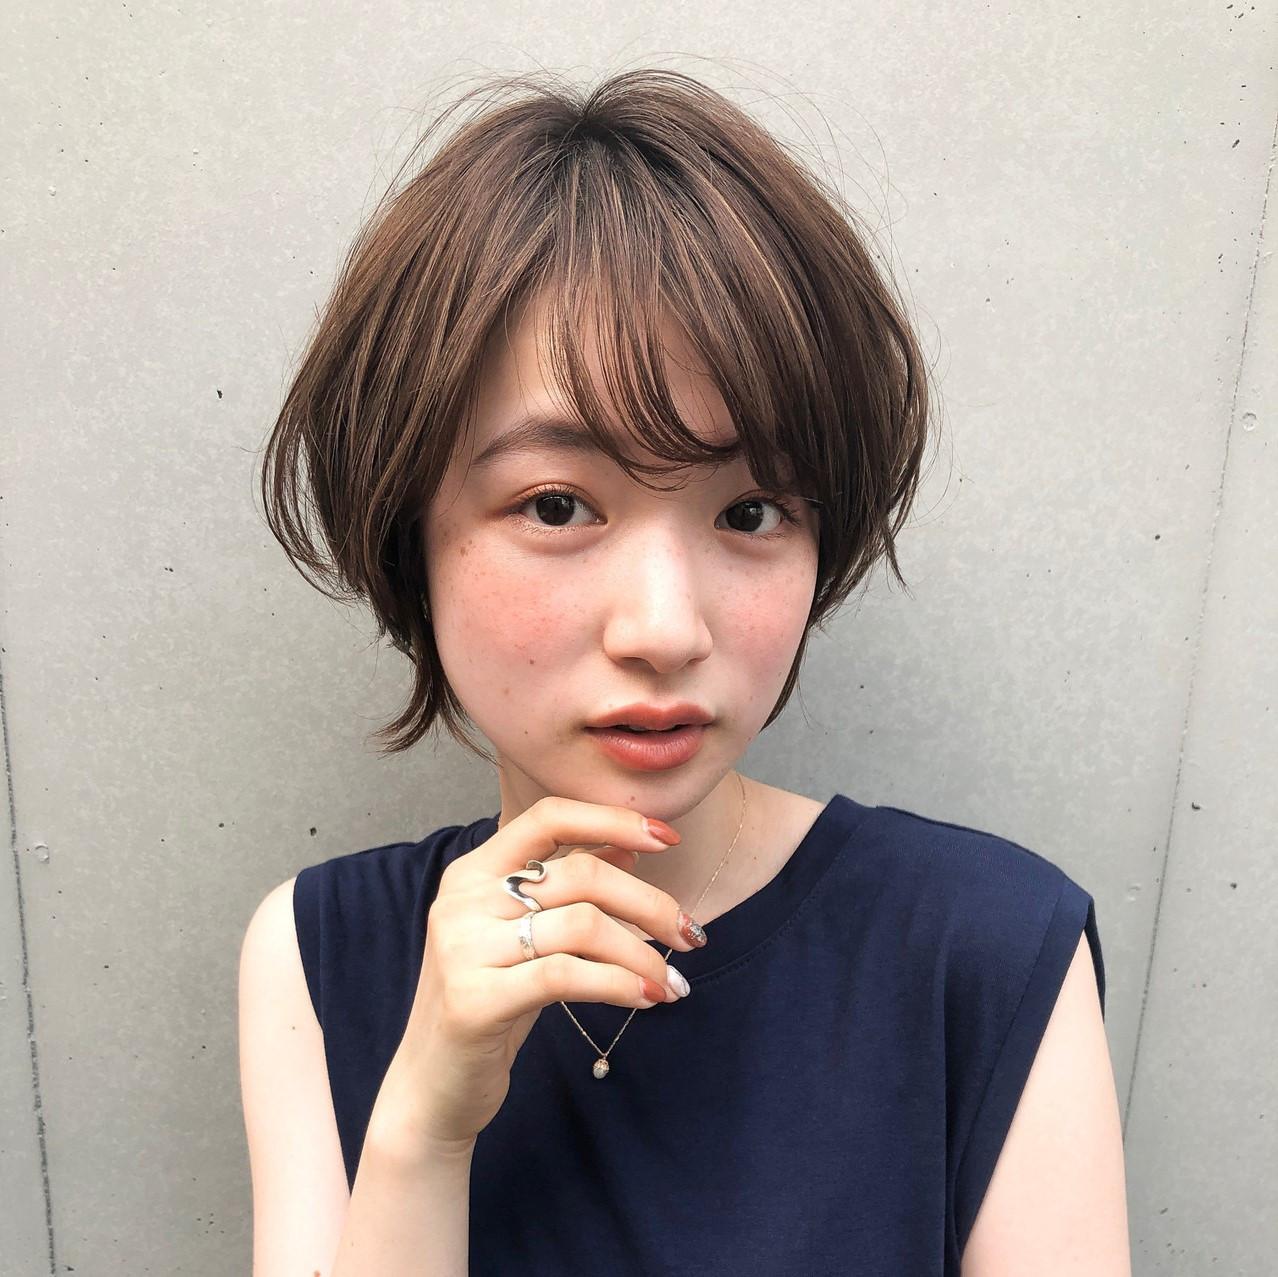 <人気No1>女性が求む「ゆるっと」「ふわっと」している髪型を厳選♡